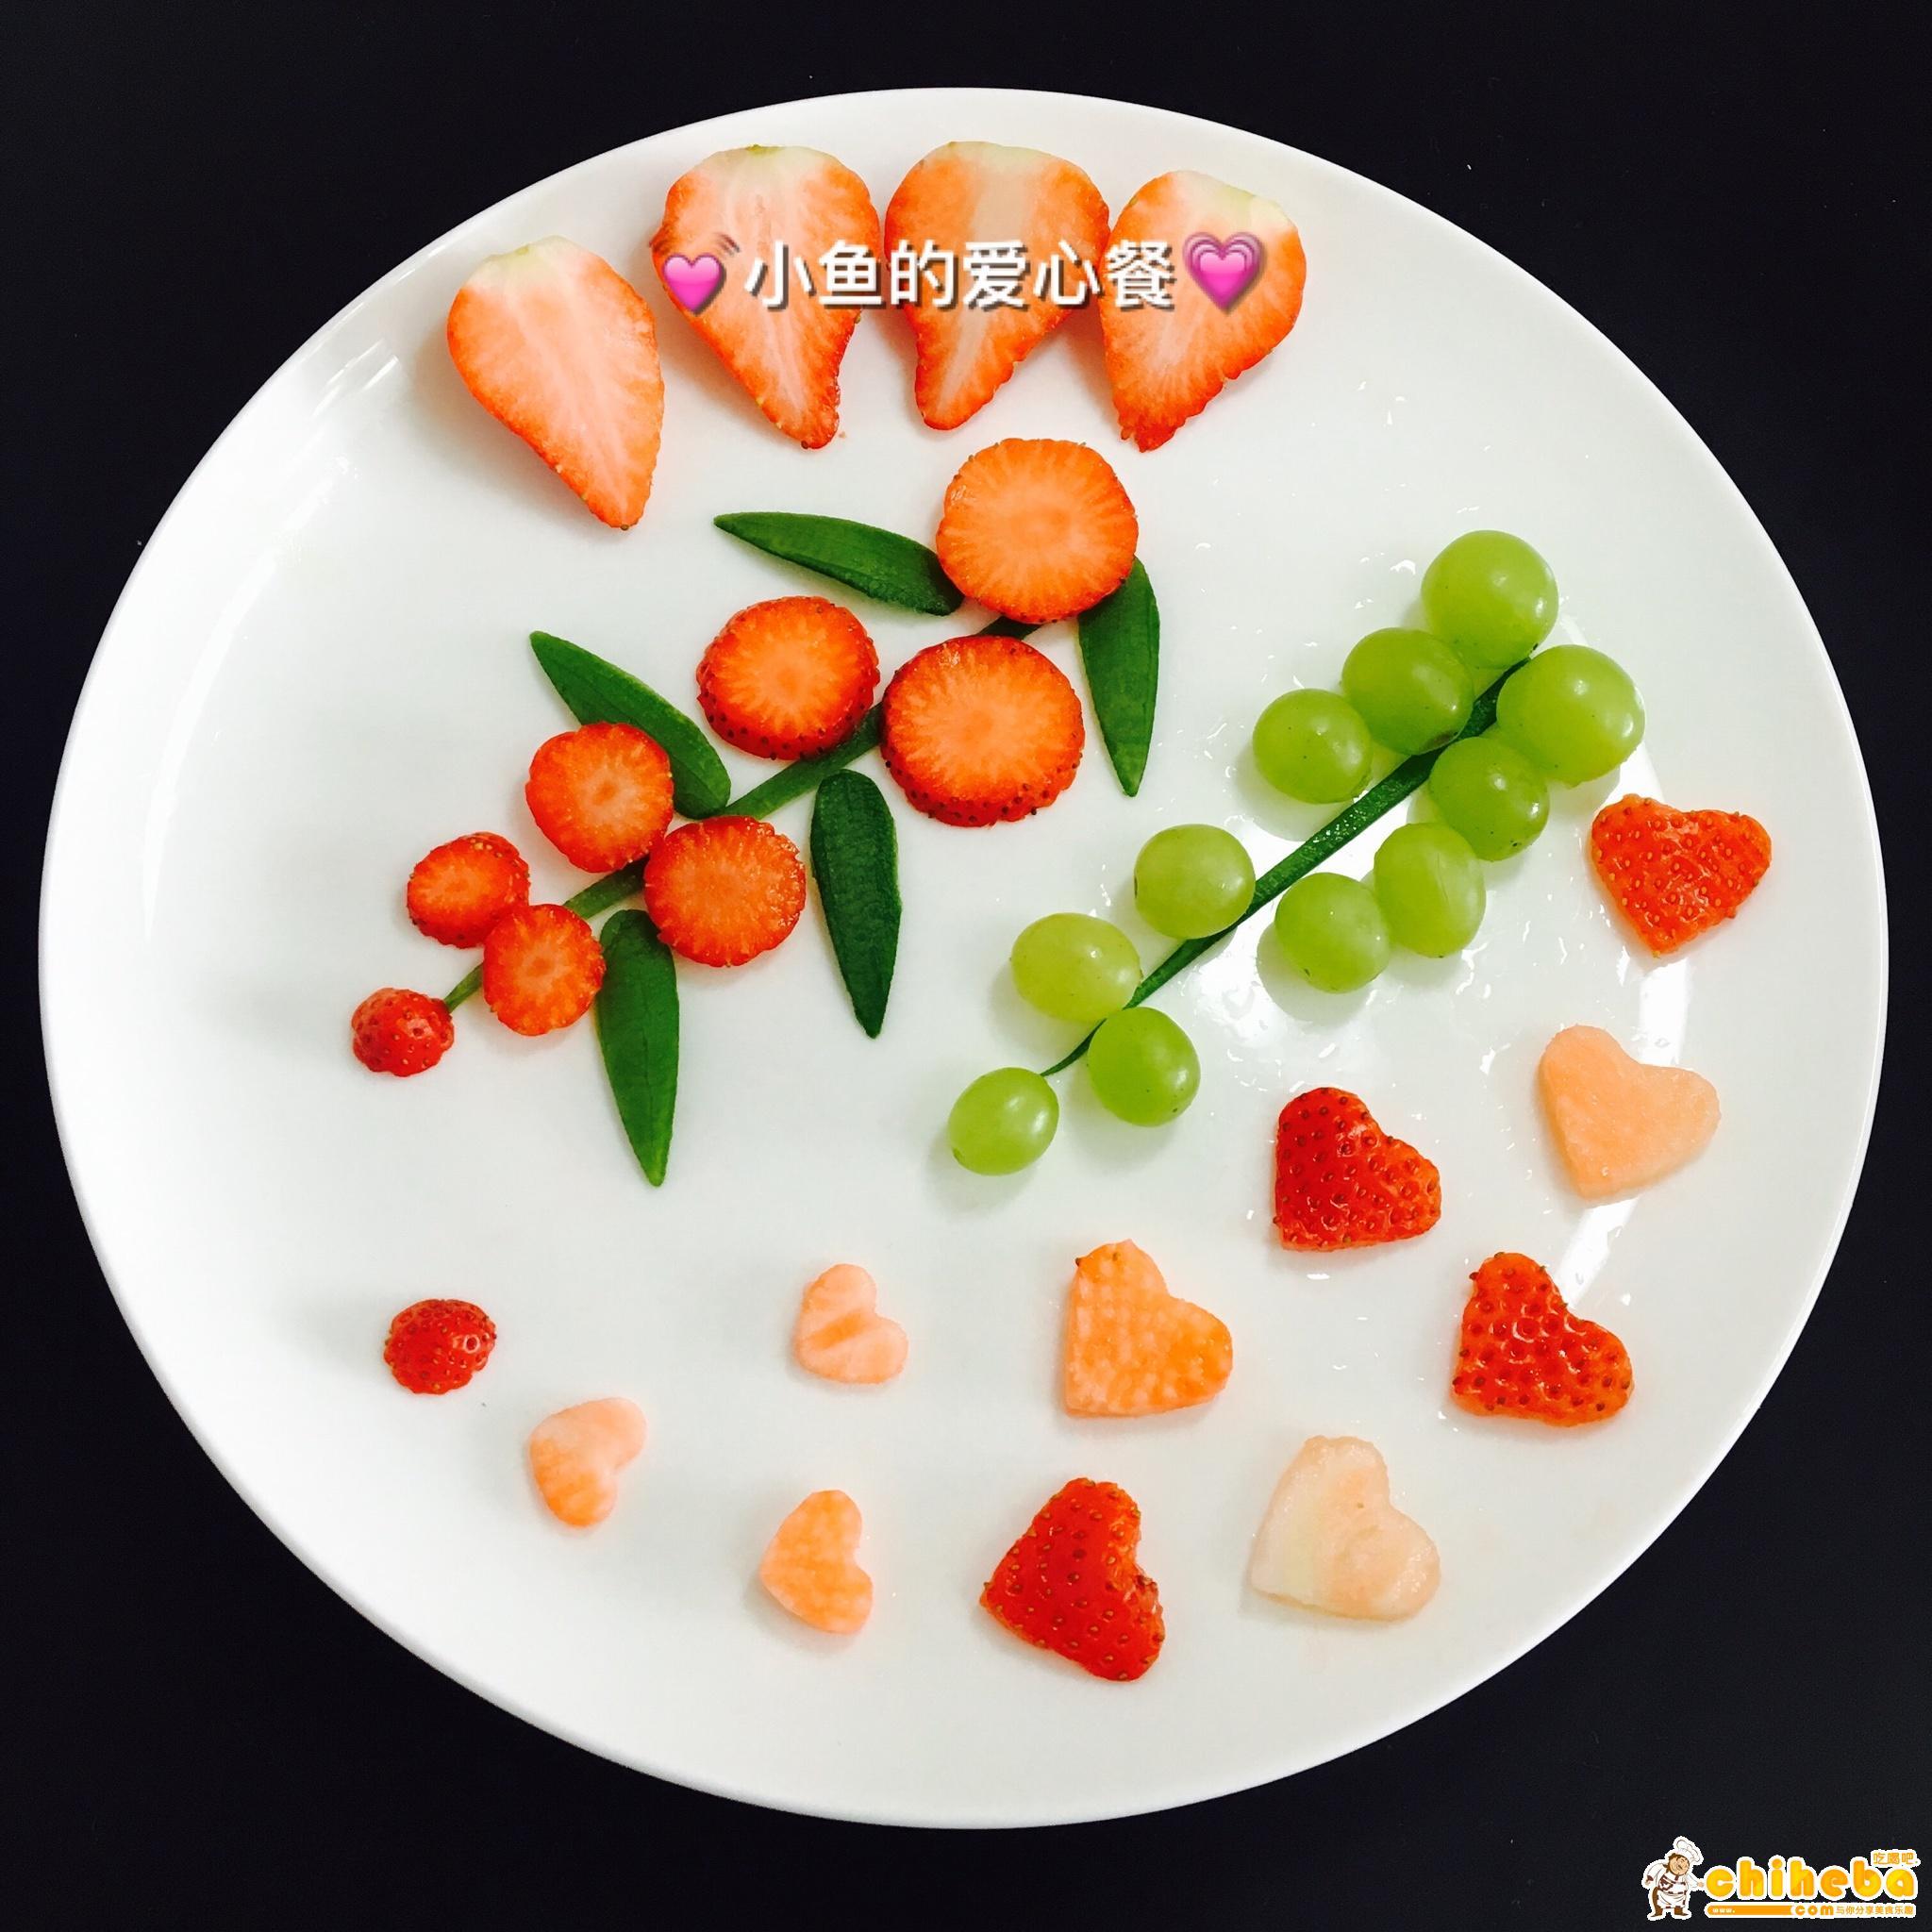 创意水果拼盘的做法 步骤2